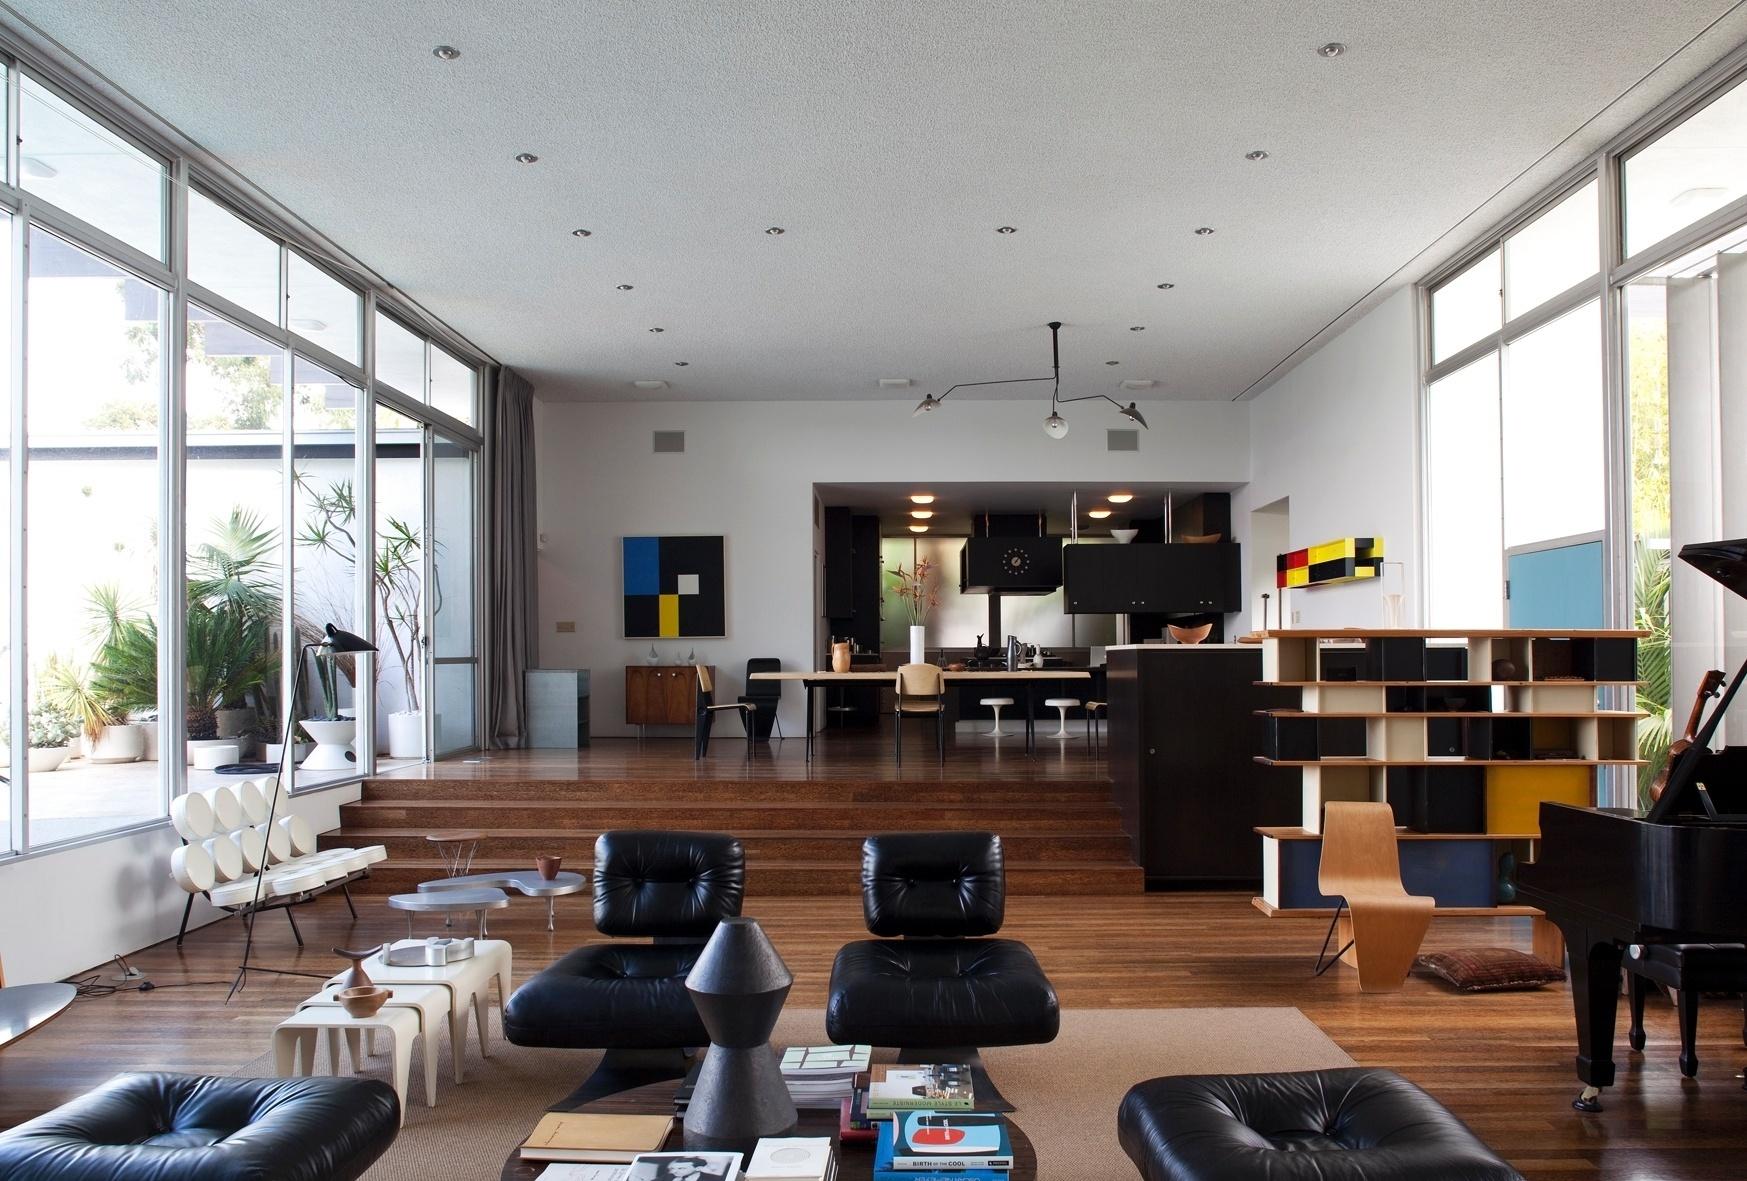 A cozinha, ao fundo, é integrada à área de convivência da Strick House. A sala, com 68 m de comprimento, divide-se em estar e jantar e é completamente envidraçada. O piso apresenta um elemento brasileiro: a madeira de palmeira. O projeto da residência na Califórnia é de Oscar Niemeyer, datado de 1964. Todavia, o arquiteto não participou da construção da casa, mas aprovou tanto o resultado da obra original, quanto o último restauro promovido pelo designer Michael Boyd, atual proprietário